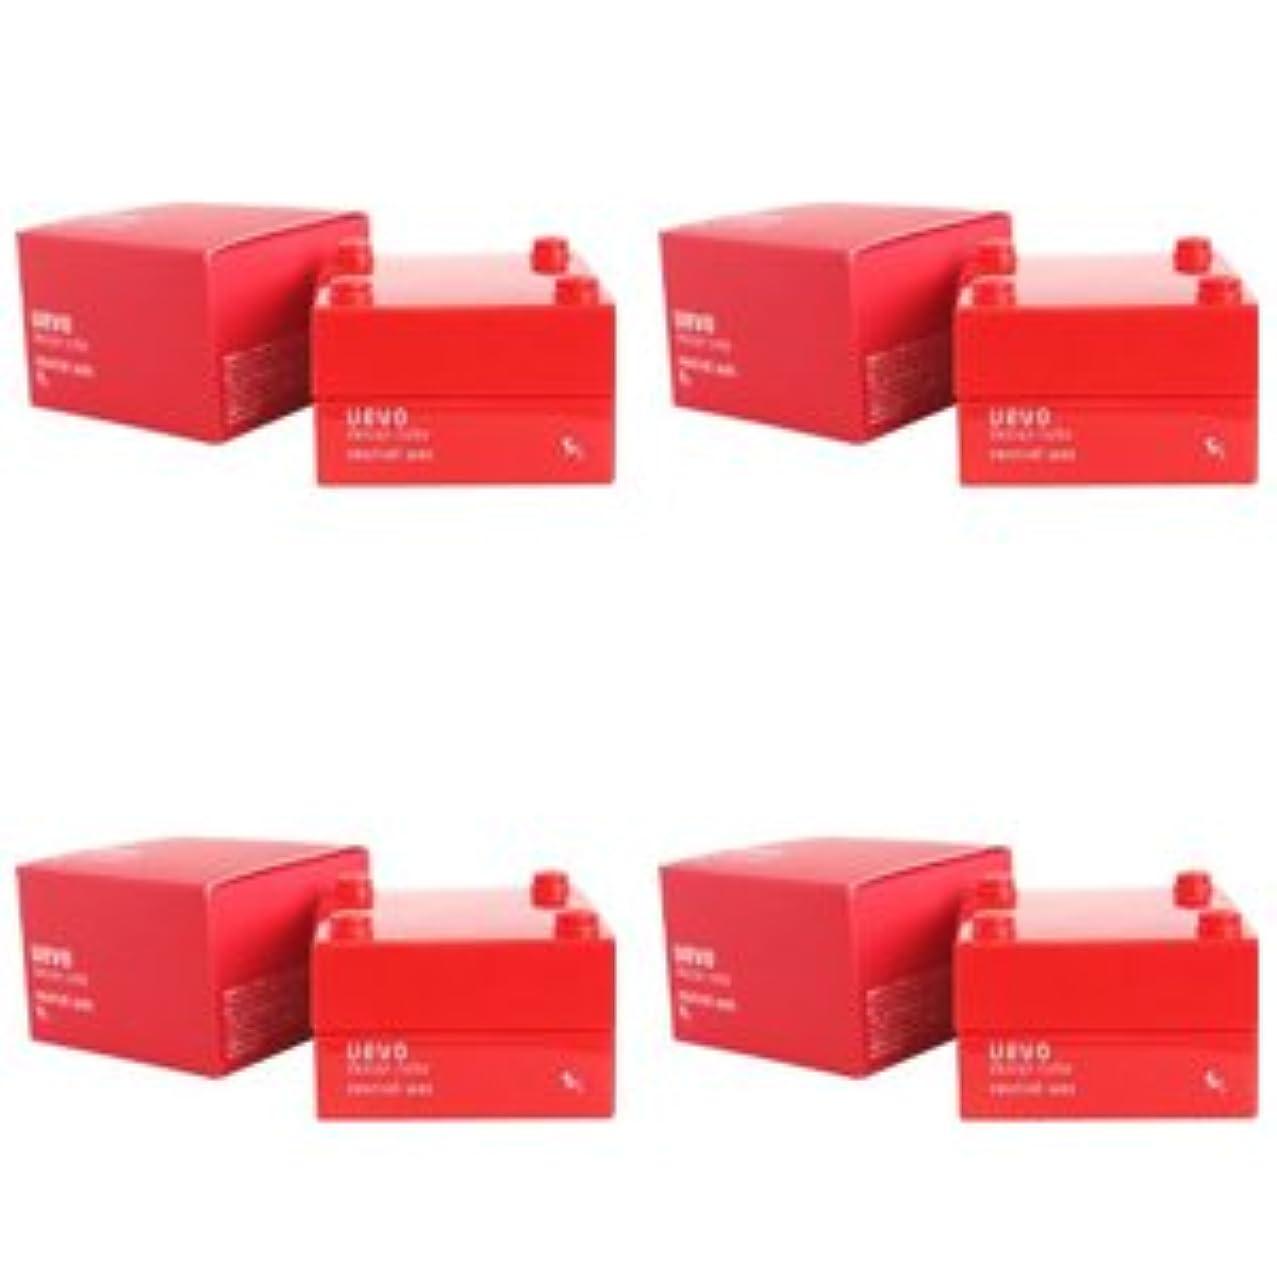 賃金暴露反発【X4個セット】 デミ ウェーボ デザインキューブ ニュートラルワックス 30g neutral wax DEMI uevo design cube